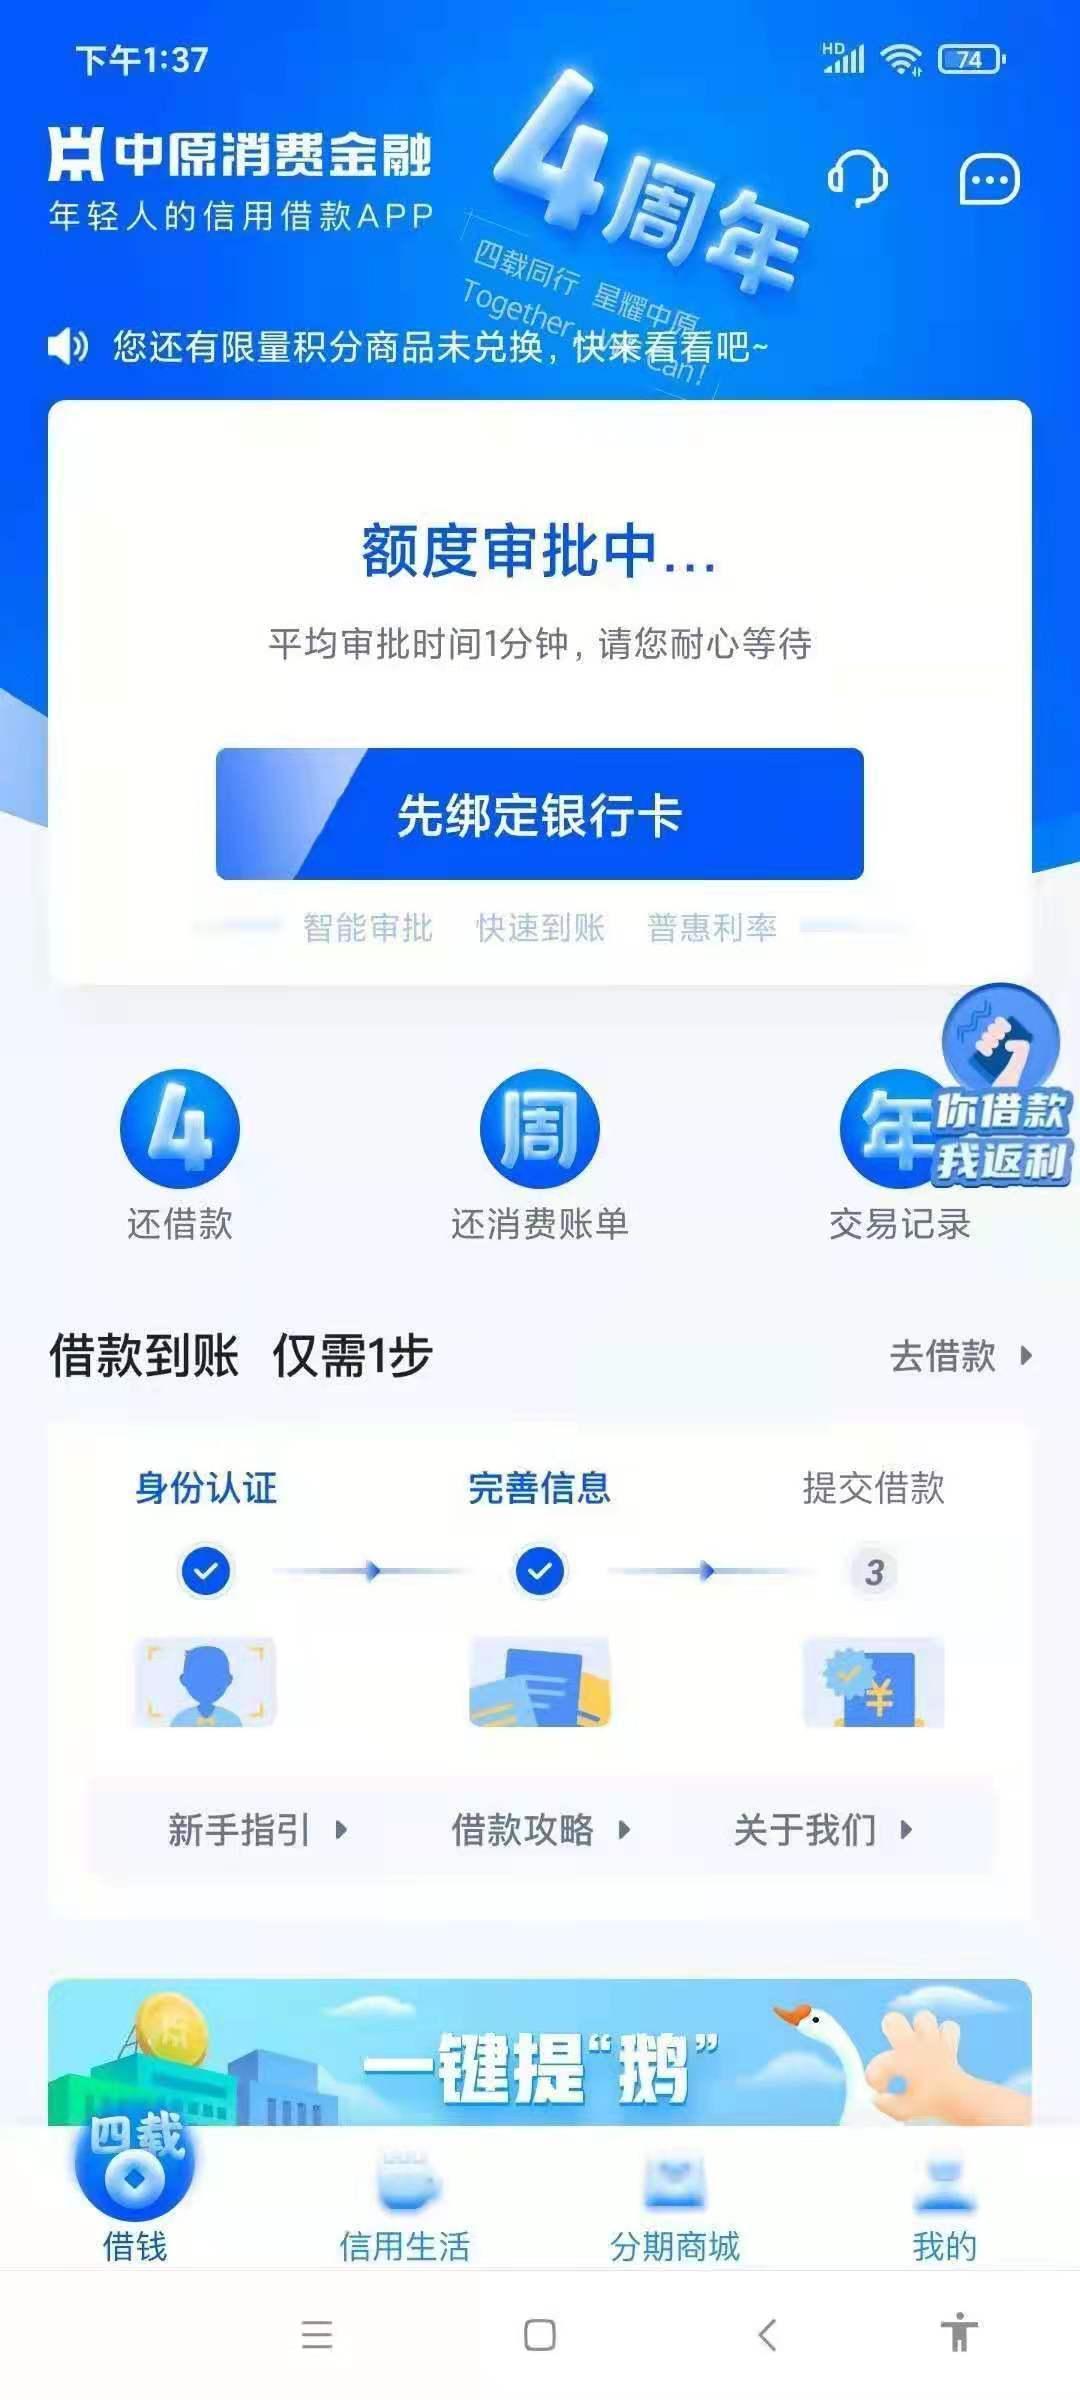 【网络兼职小任务】中原金融简单授信-青团社